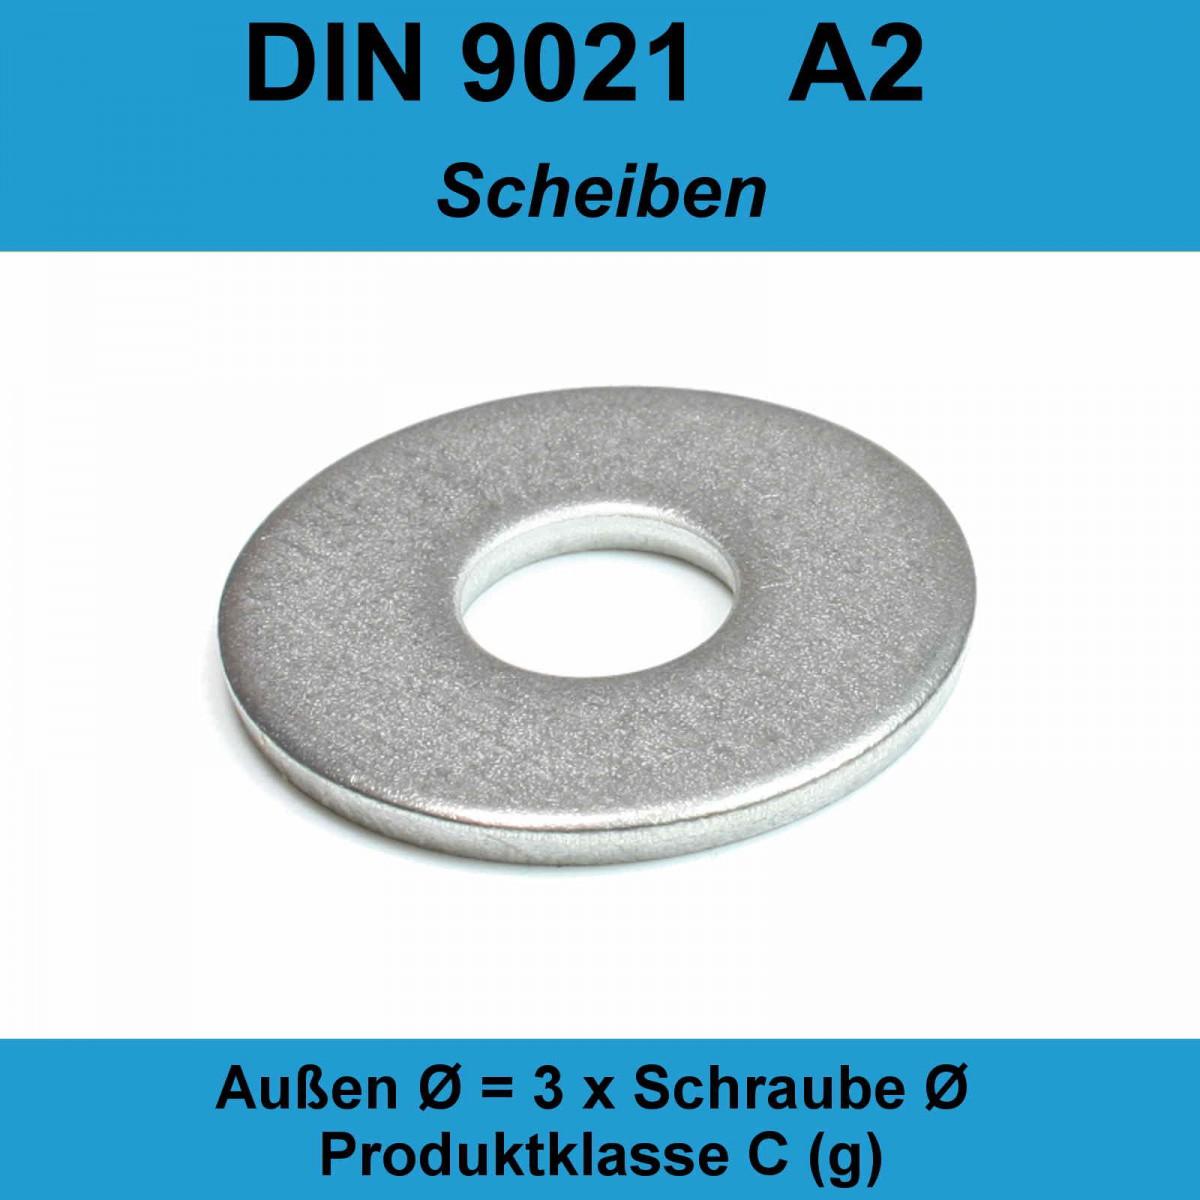 Beilagscheiben | M18 SC-Normteile V2A DIN 9021 | SC9021 rostfreier Edelstahl A2 10 St/ück Gro/ße Unterlegscheiben